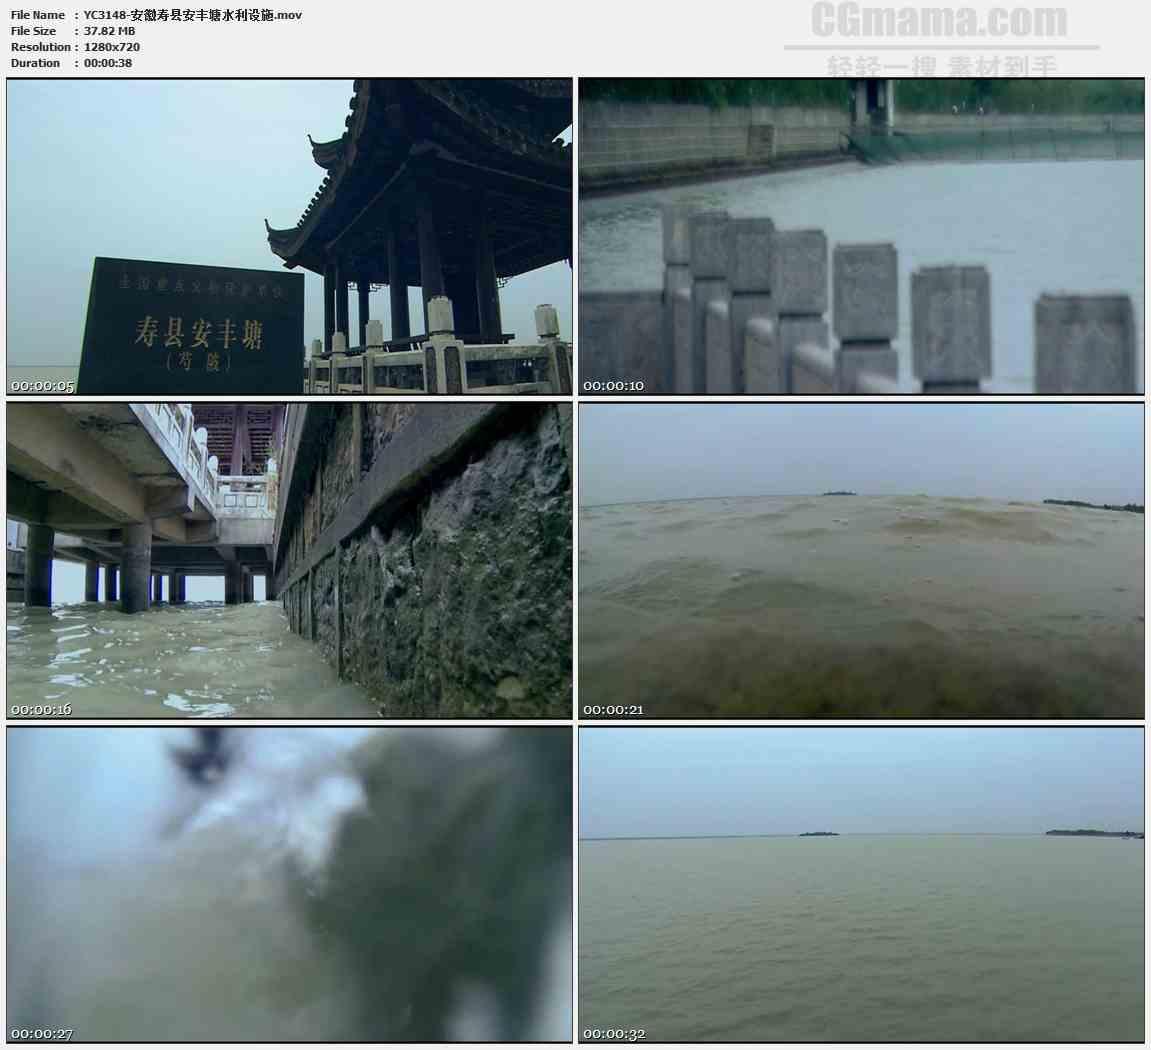 YC3148-安徽寿县安丰塘水利设施高清实拍视频素材